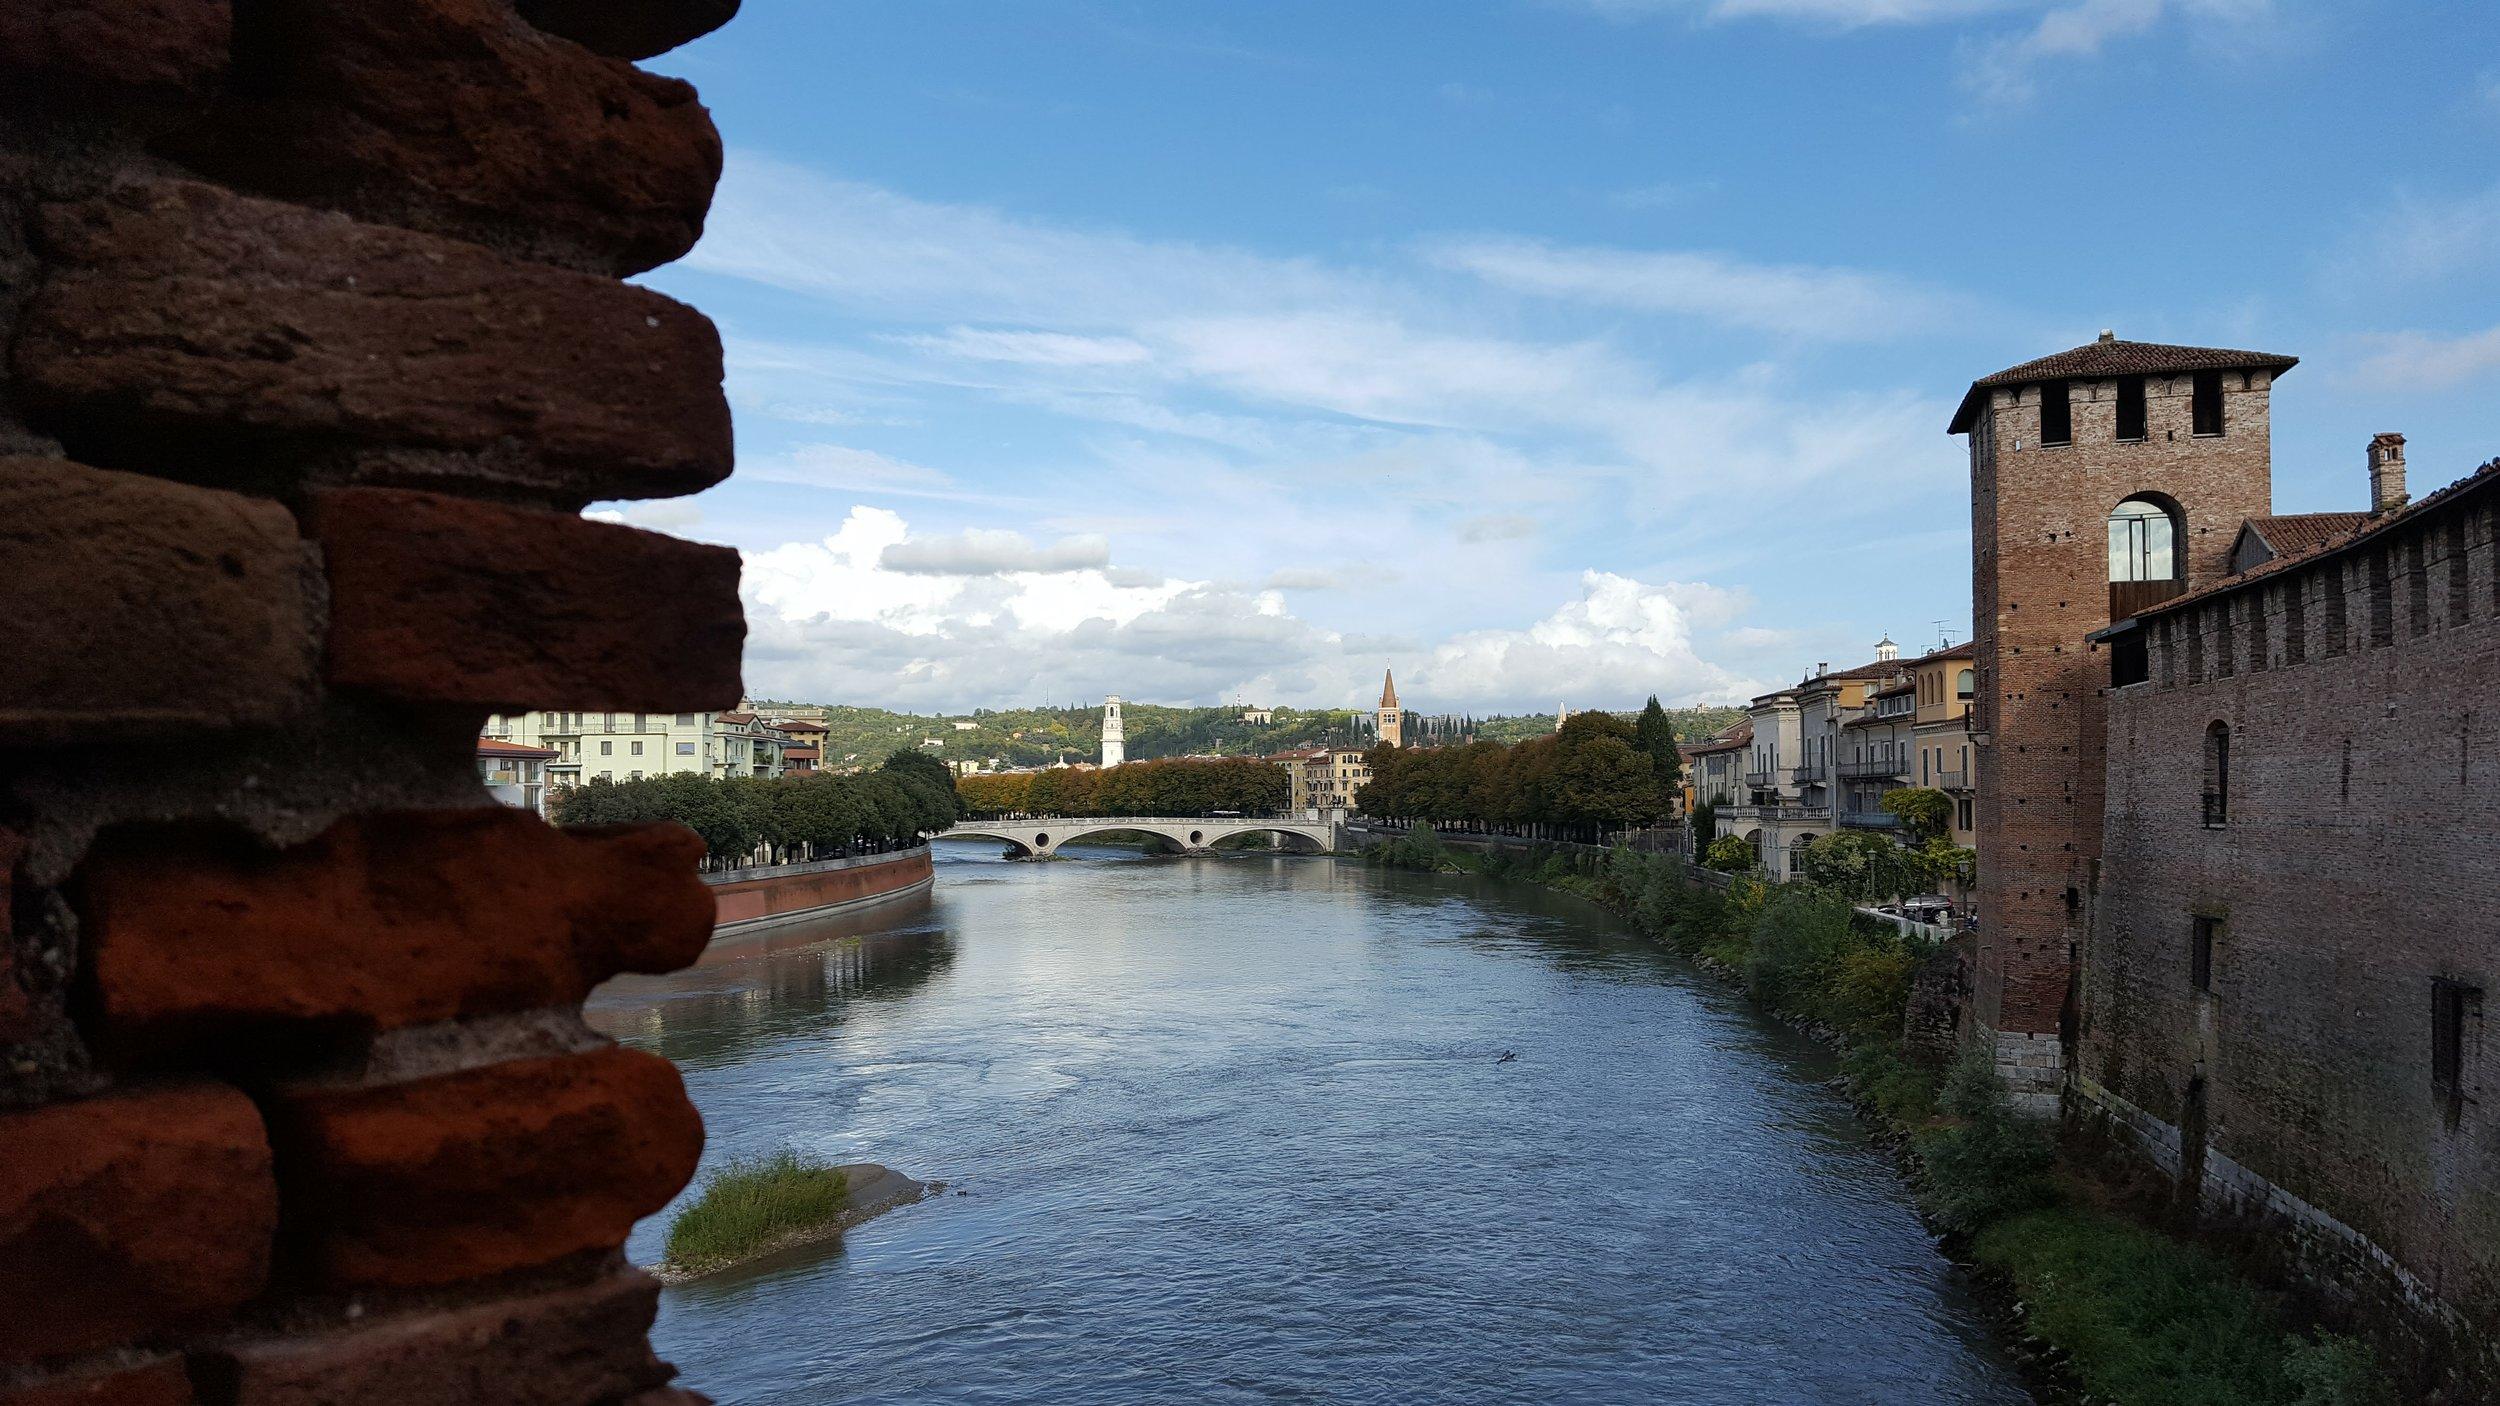 What a view from the Castelvecchio Bridge, Verona